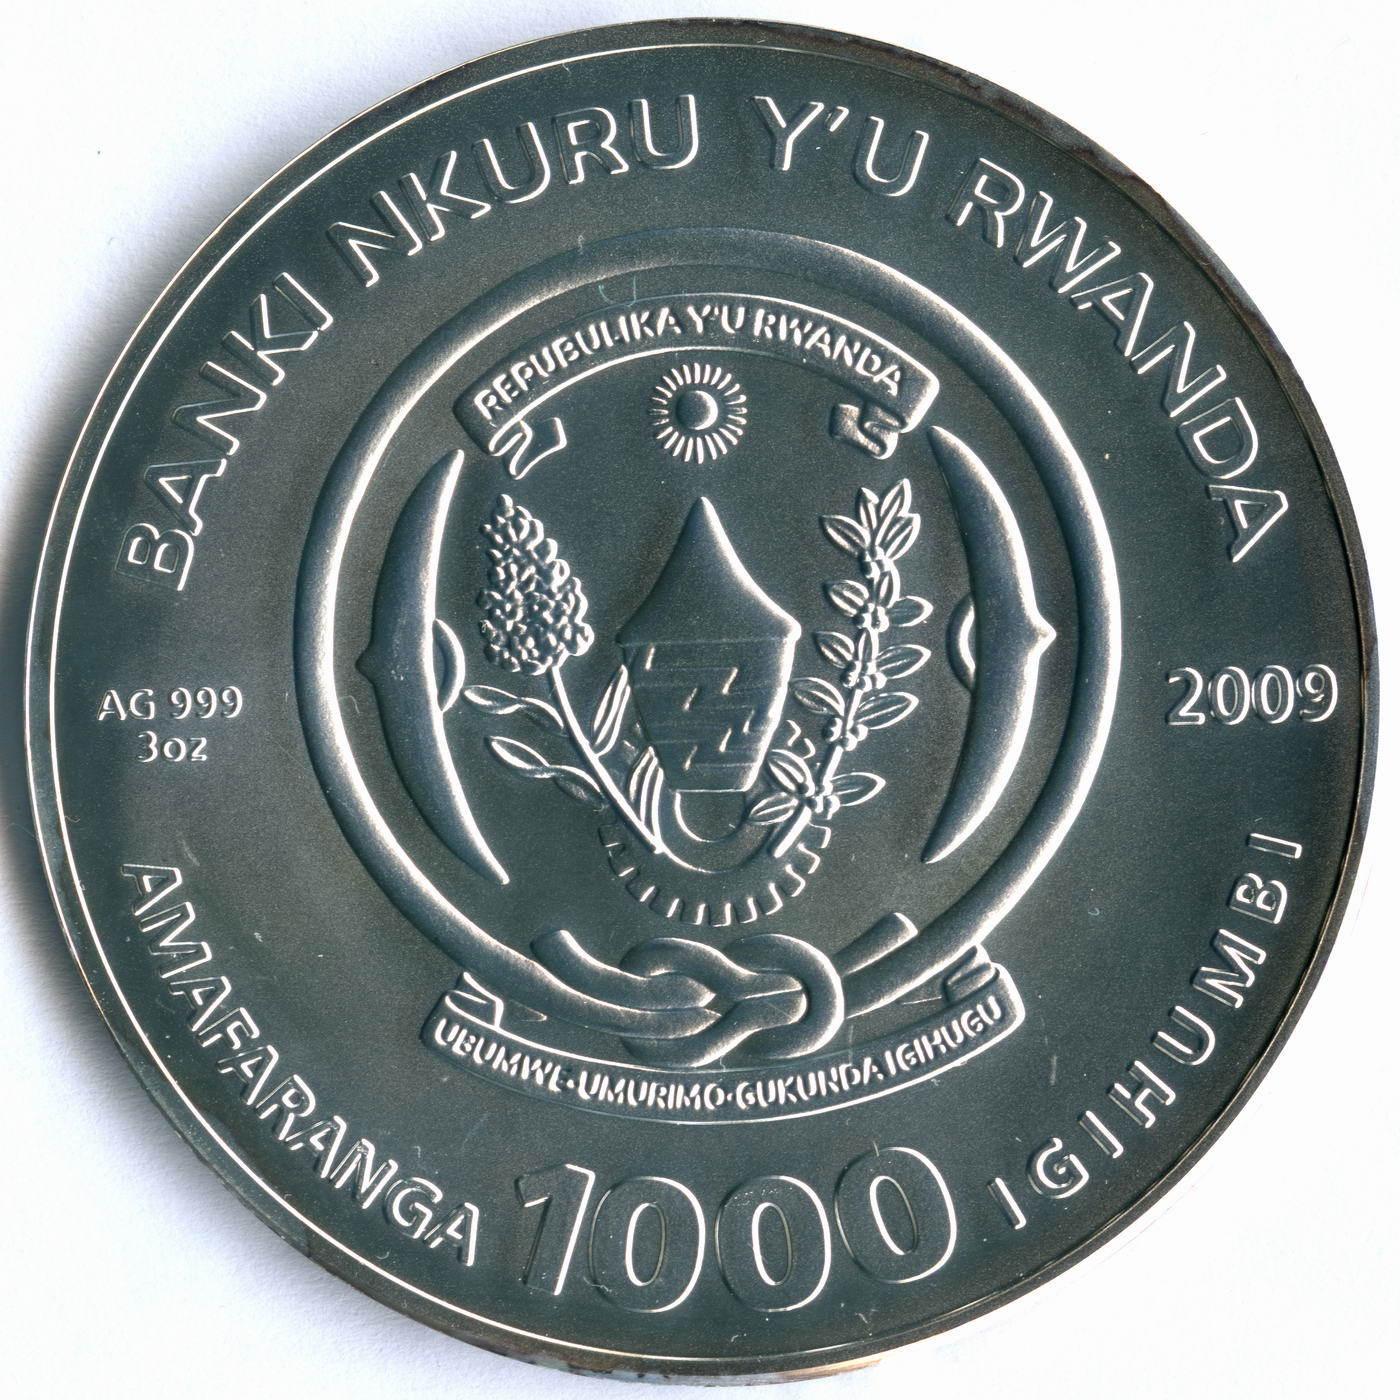 1000 франков 2009 год. Руанда UNC (Близнецы). Серебро 3 унции - 93.3 грамма, 4 бриллианта